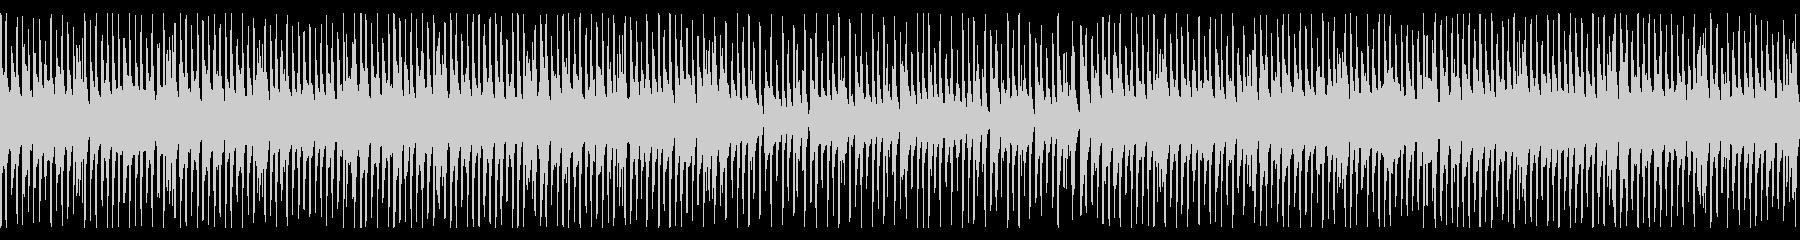 生演奏、軽快でかわいいカントリーポップの未再生の波形